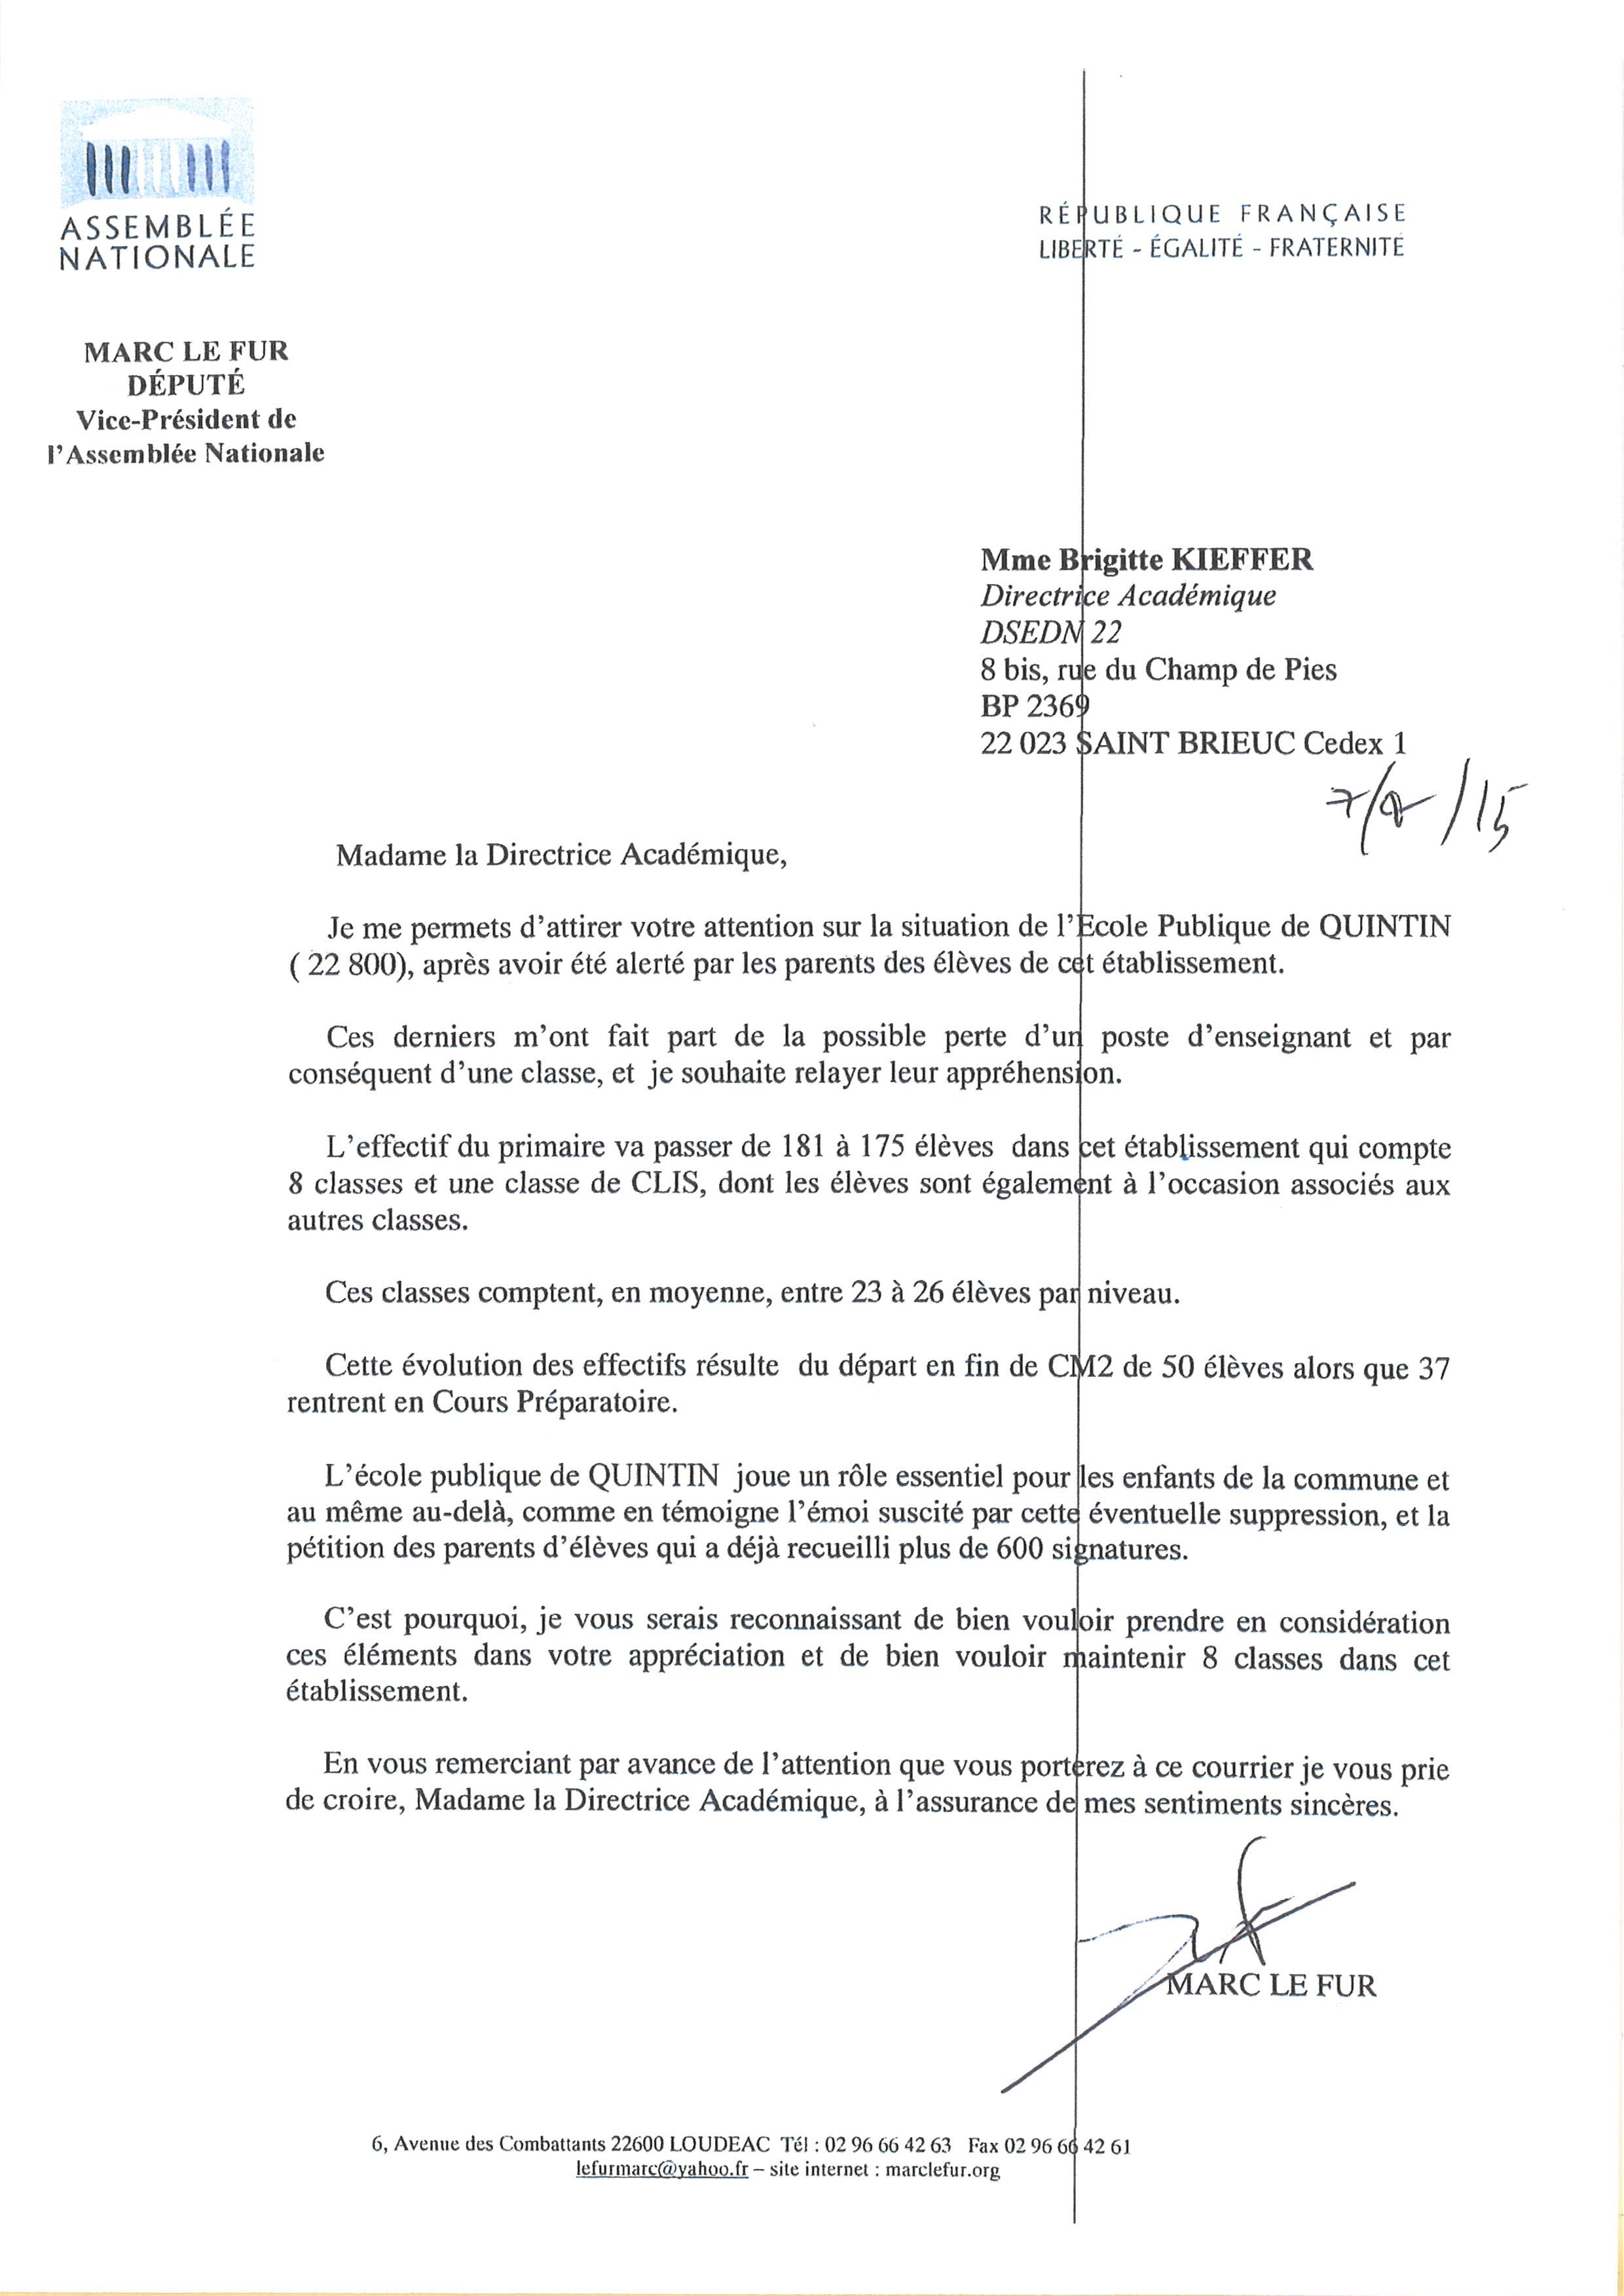 Lettre à l'inspecteur d'académie pour l'école publique de Quintin